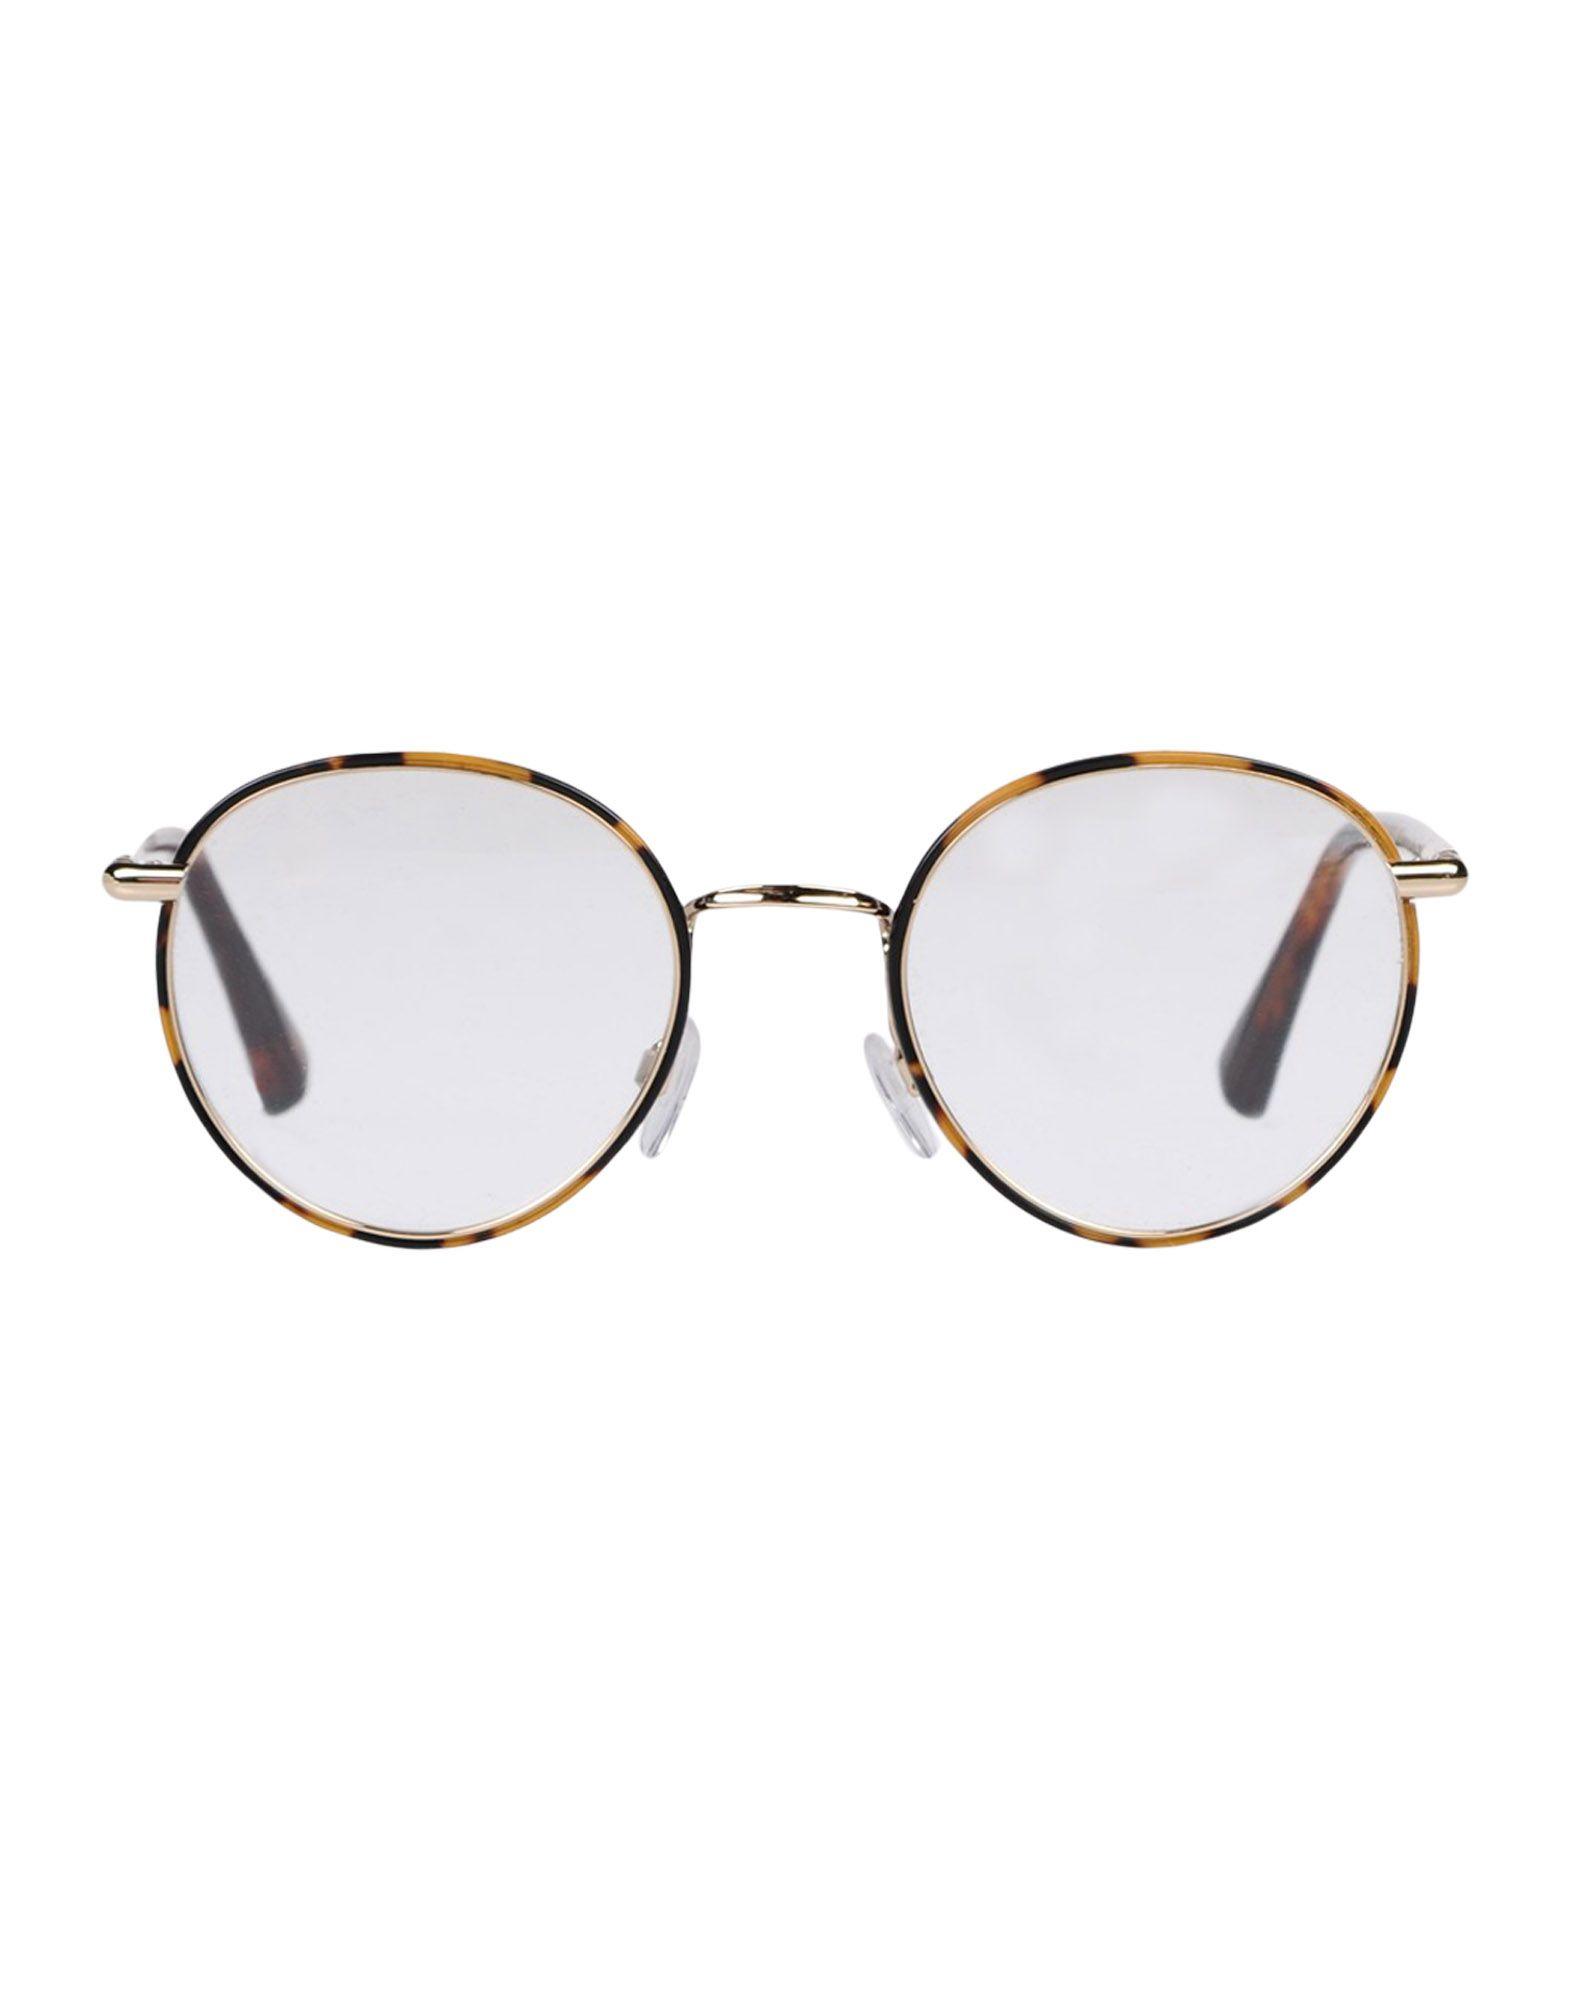 CUTLER AND GROSS Herren Brille Farbe Beige Größe 1